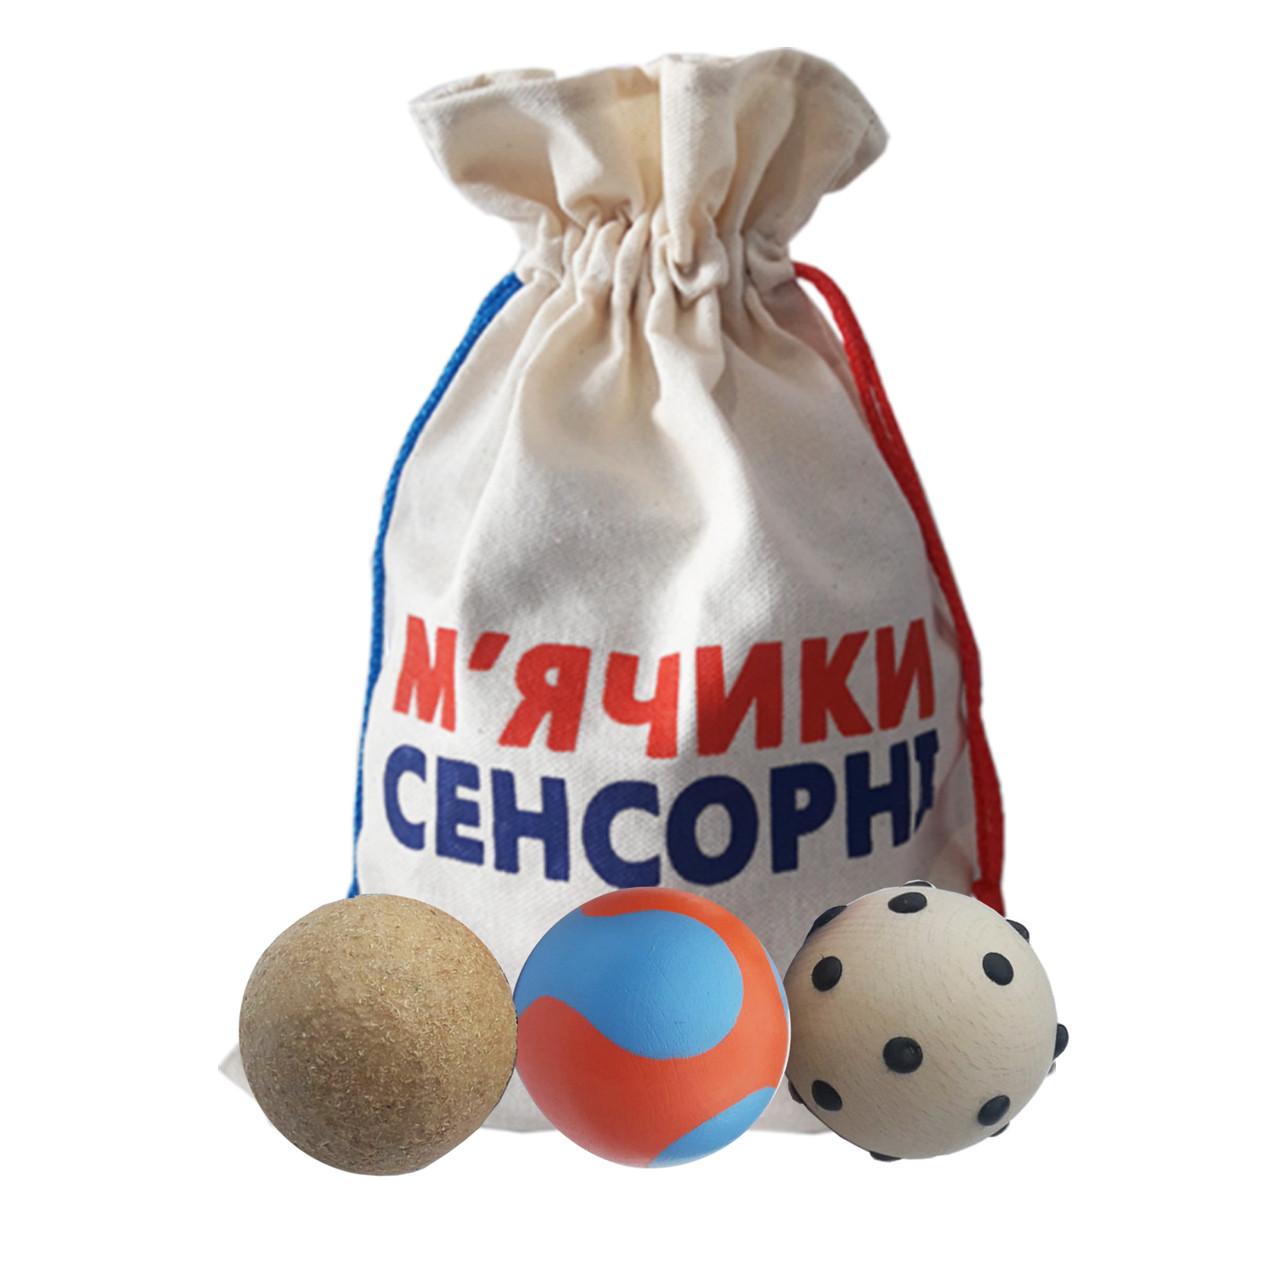 Гра HEGA М'ячики Сенсорні для занять та масажу (терапевтичні м'ячики)